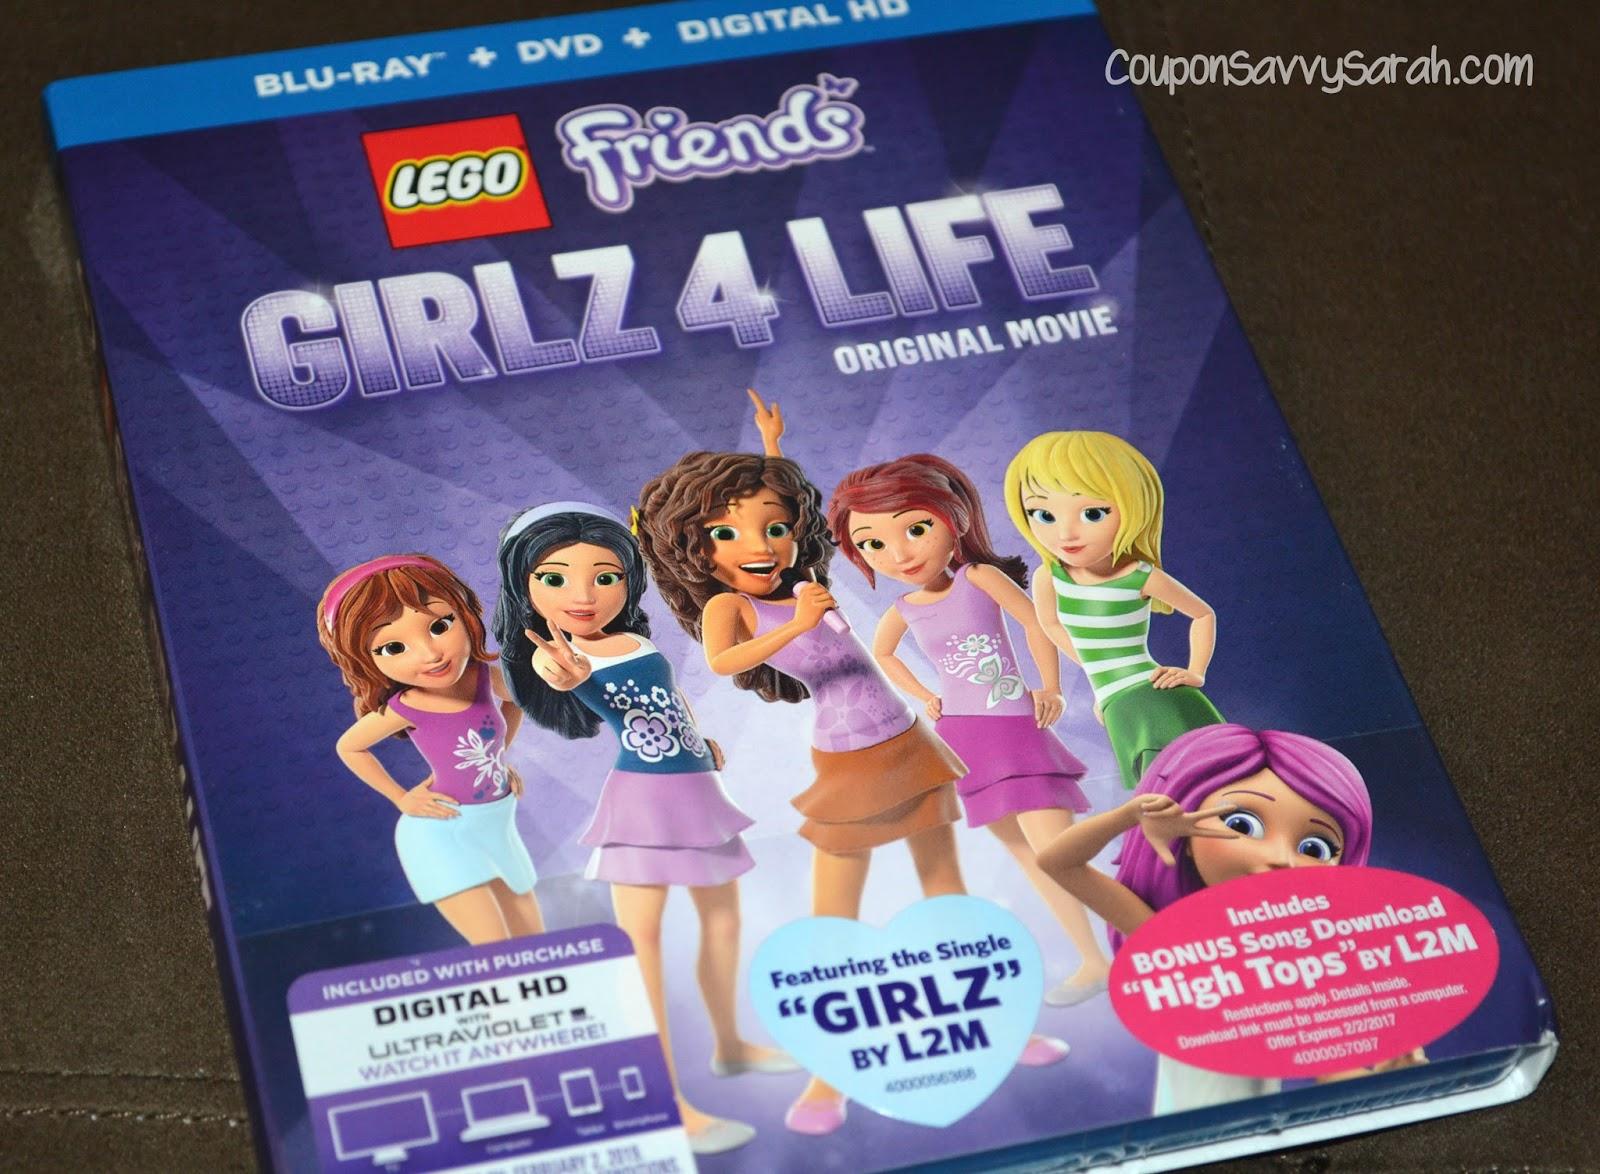 Coupon Savvy Sarah Lego Friends Girlz 4 Life Movie Now